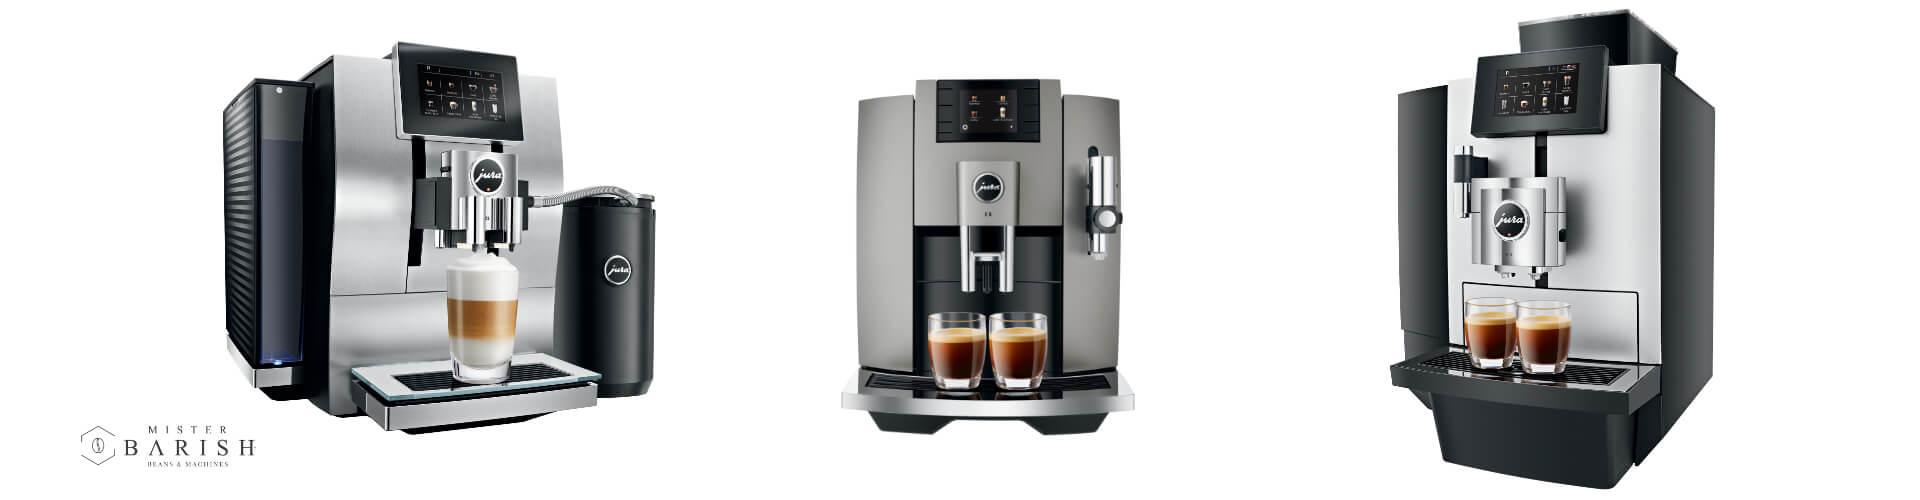 Jura koffiermachine